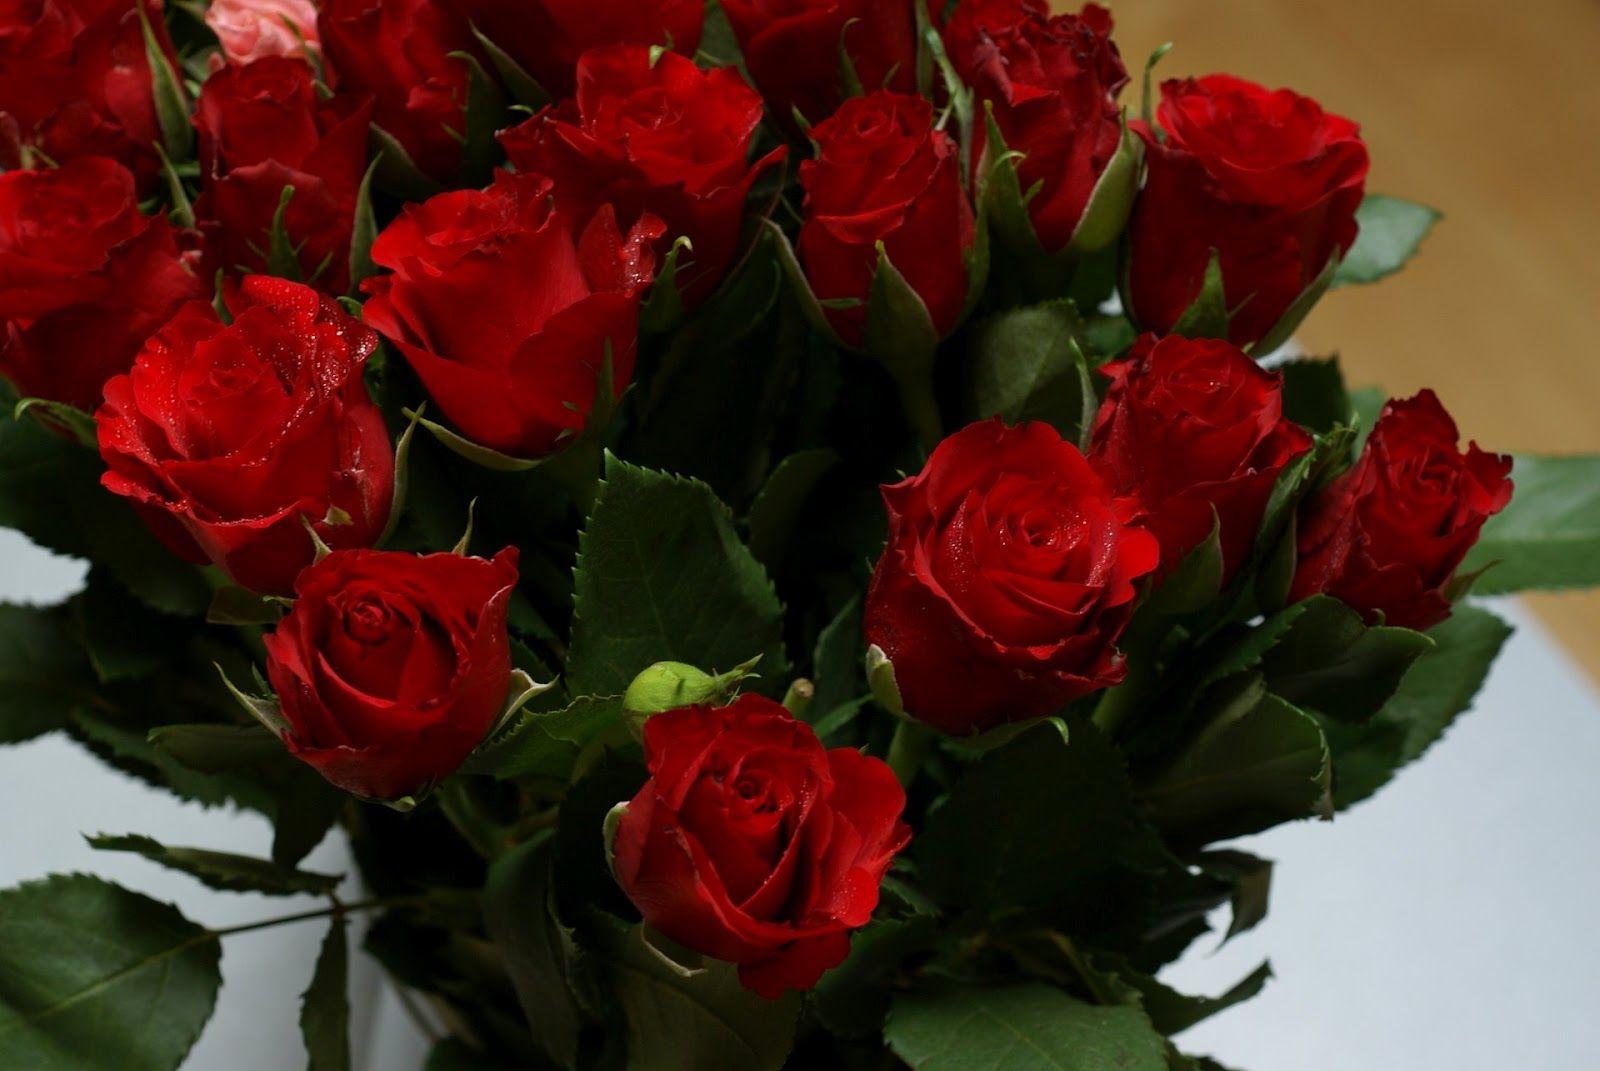 Diversas - Imagens de rosas